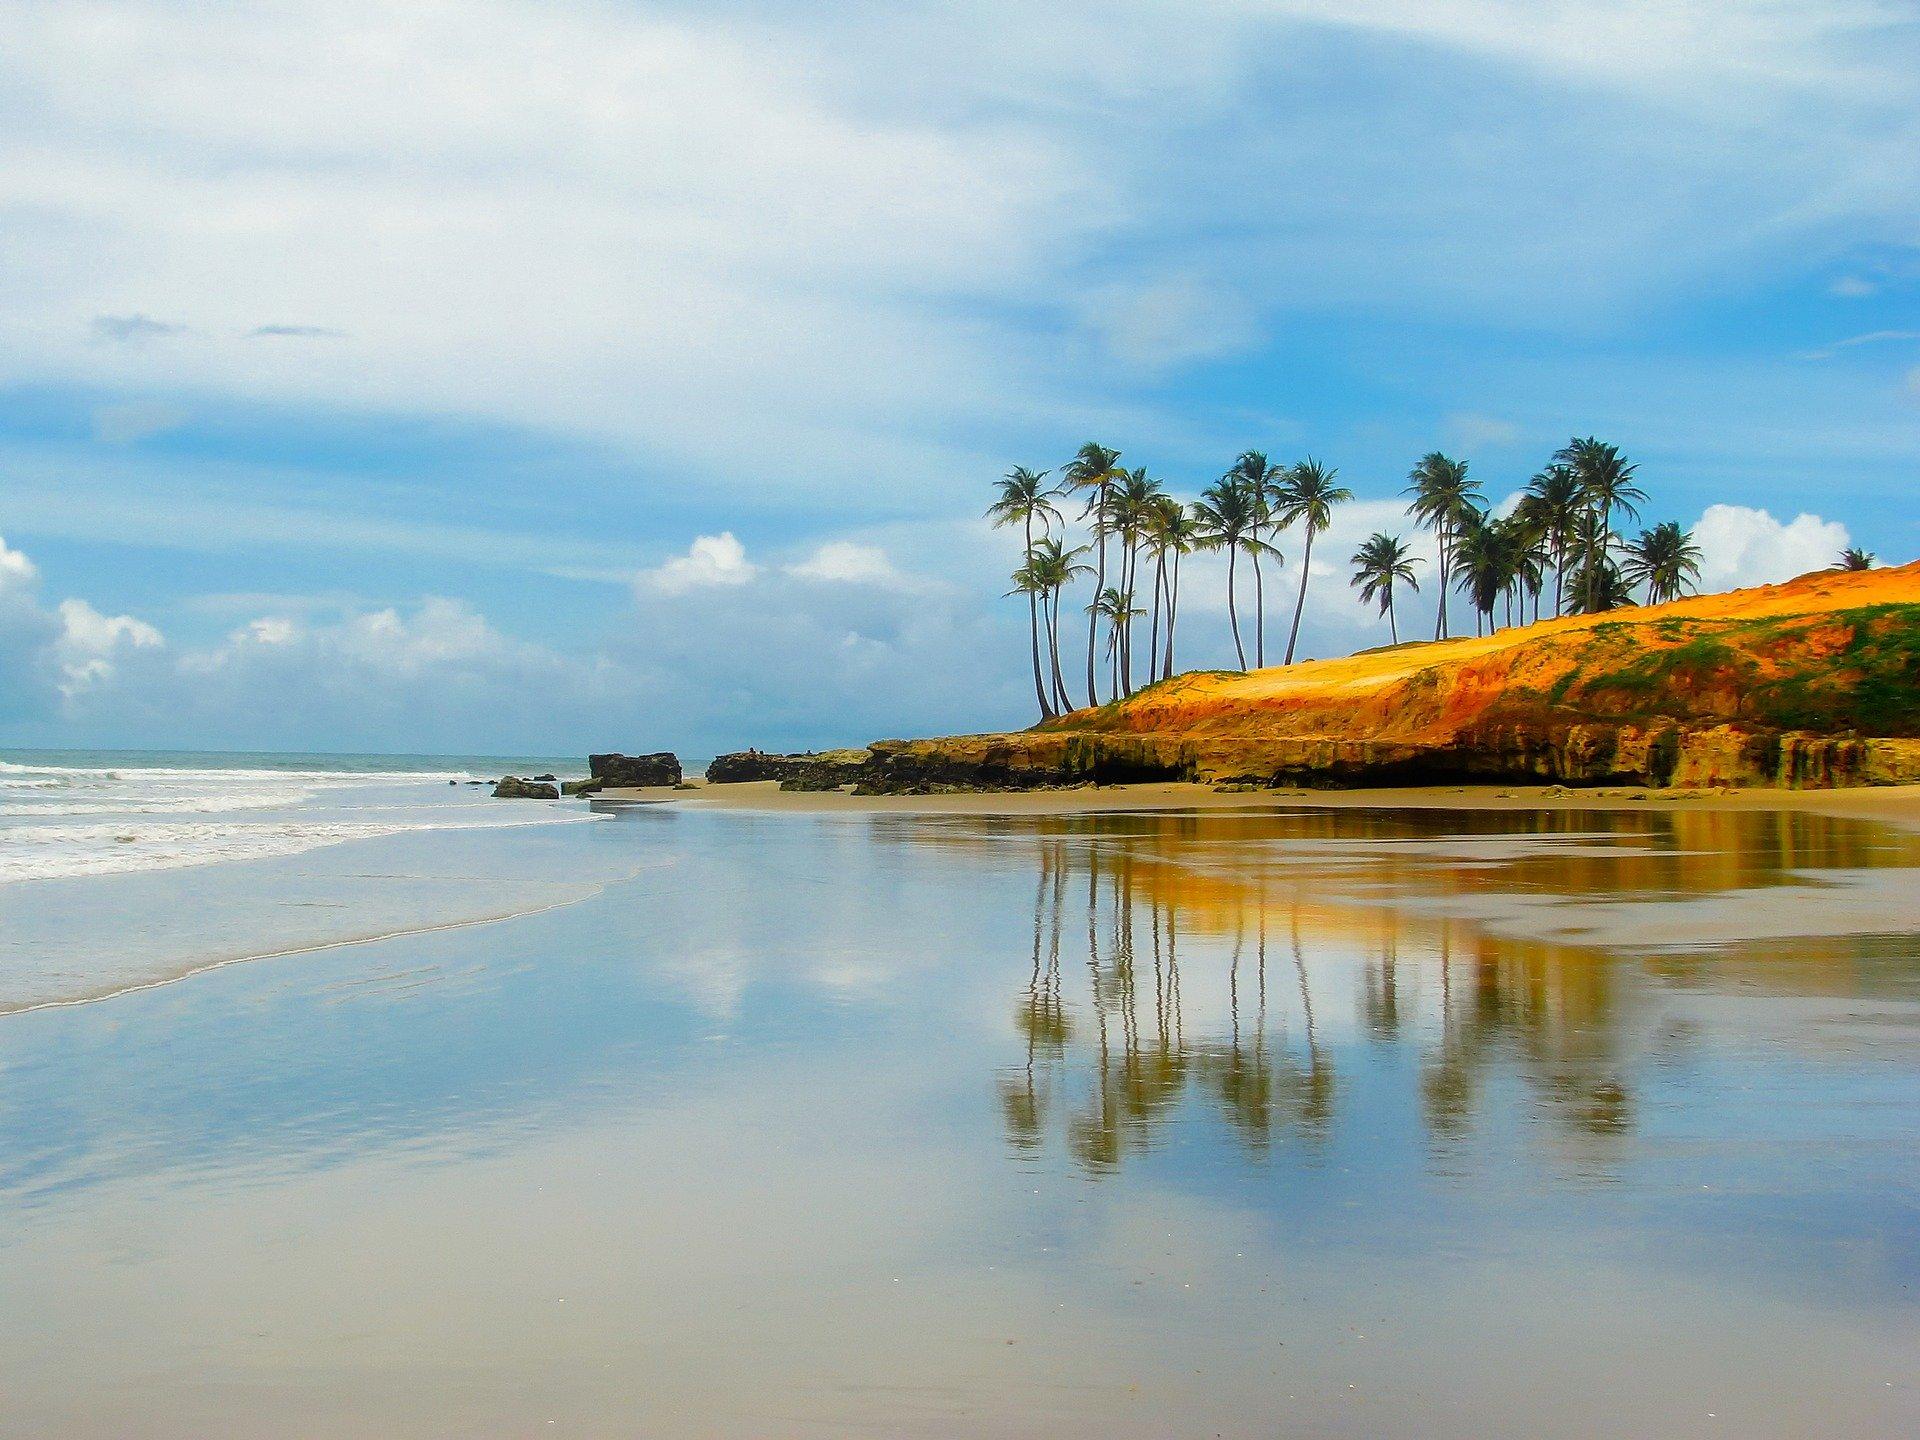 ساحلی زیبا در برزیل